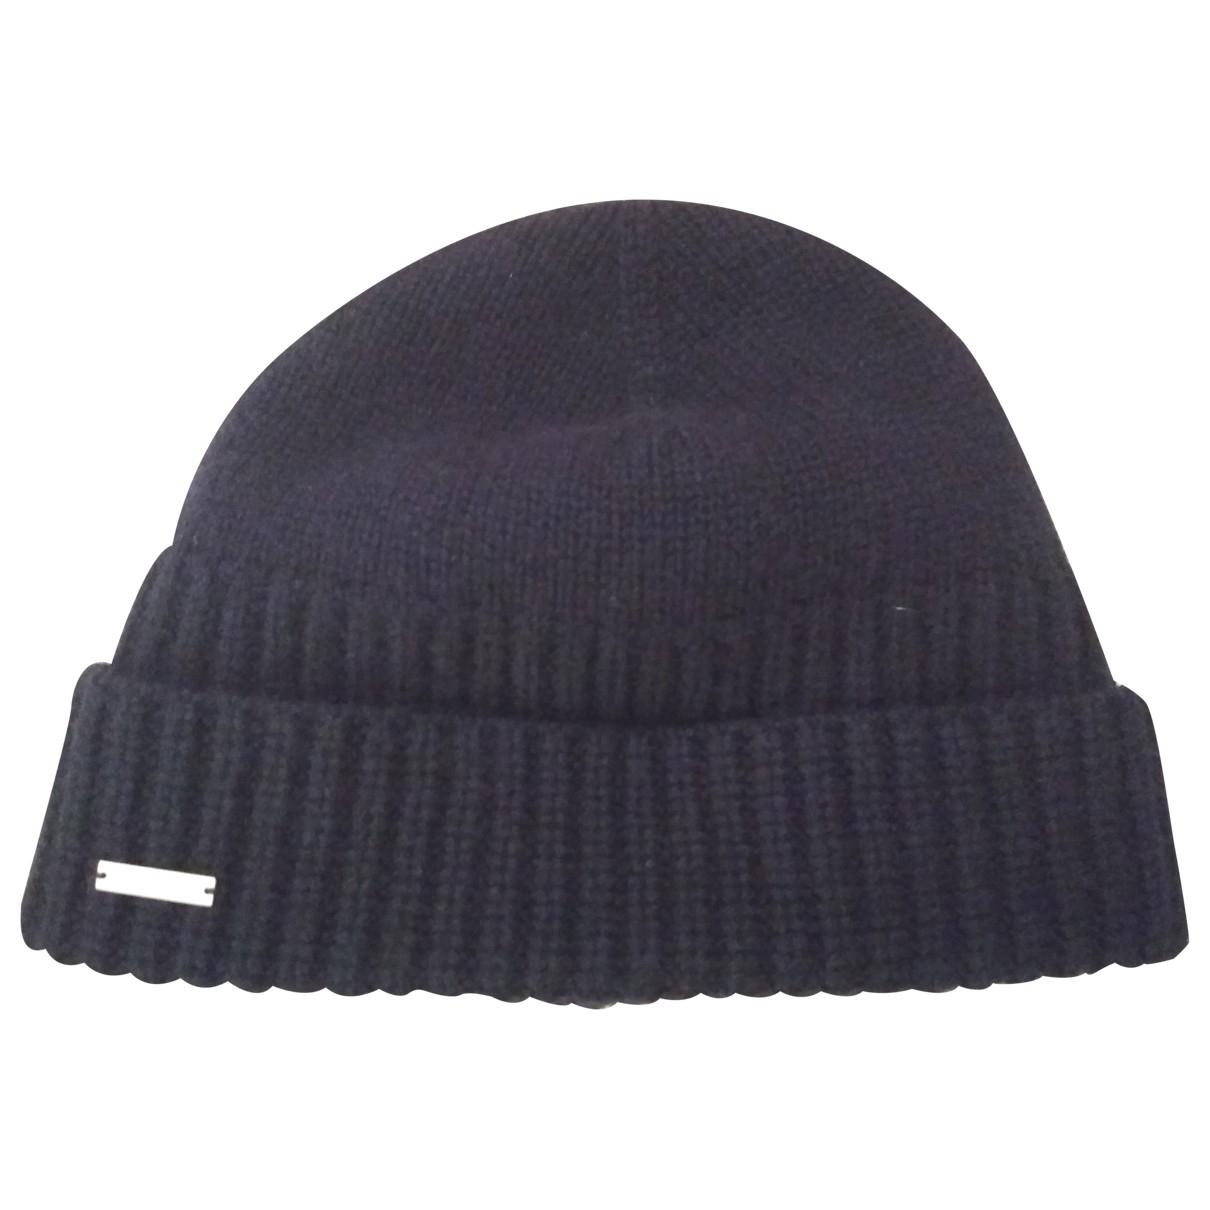 Sombrero / gorro de Lana Dsquared2